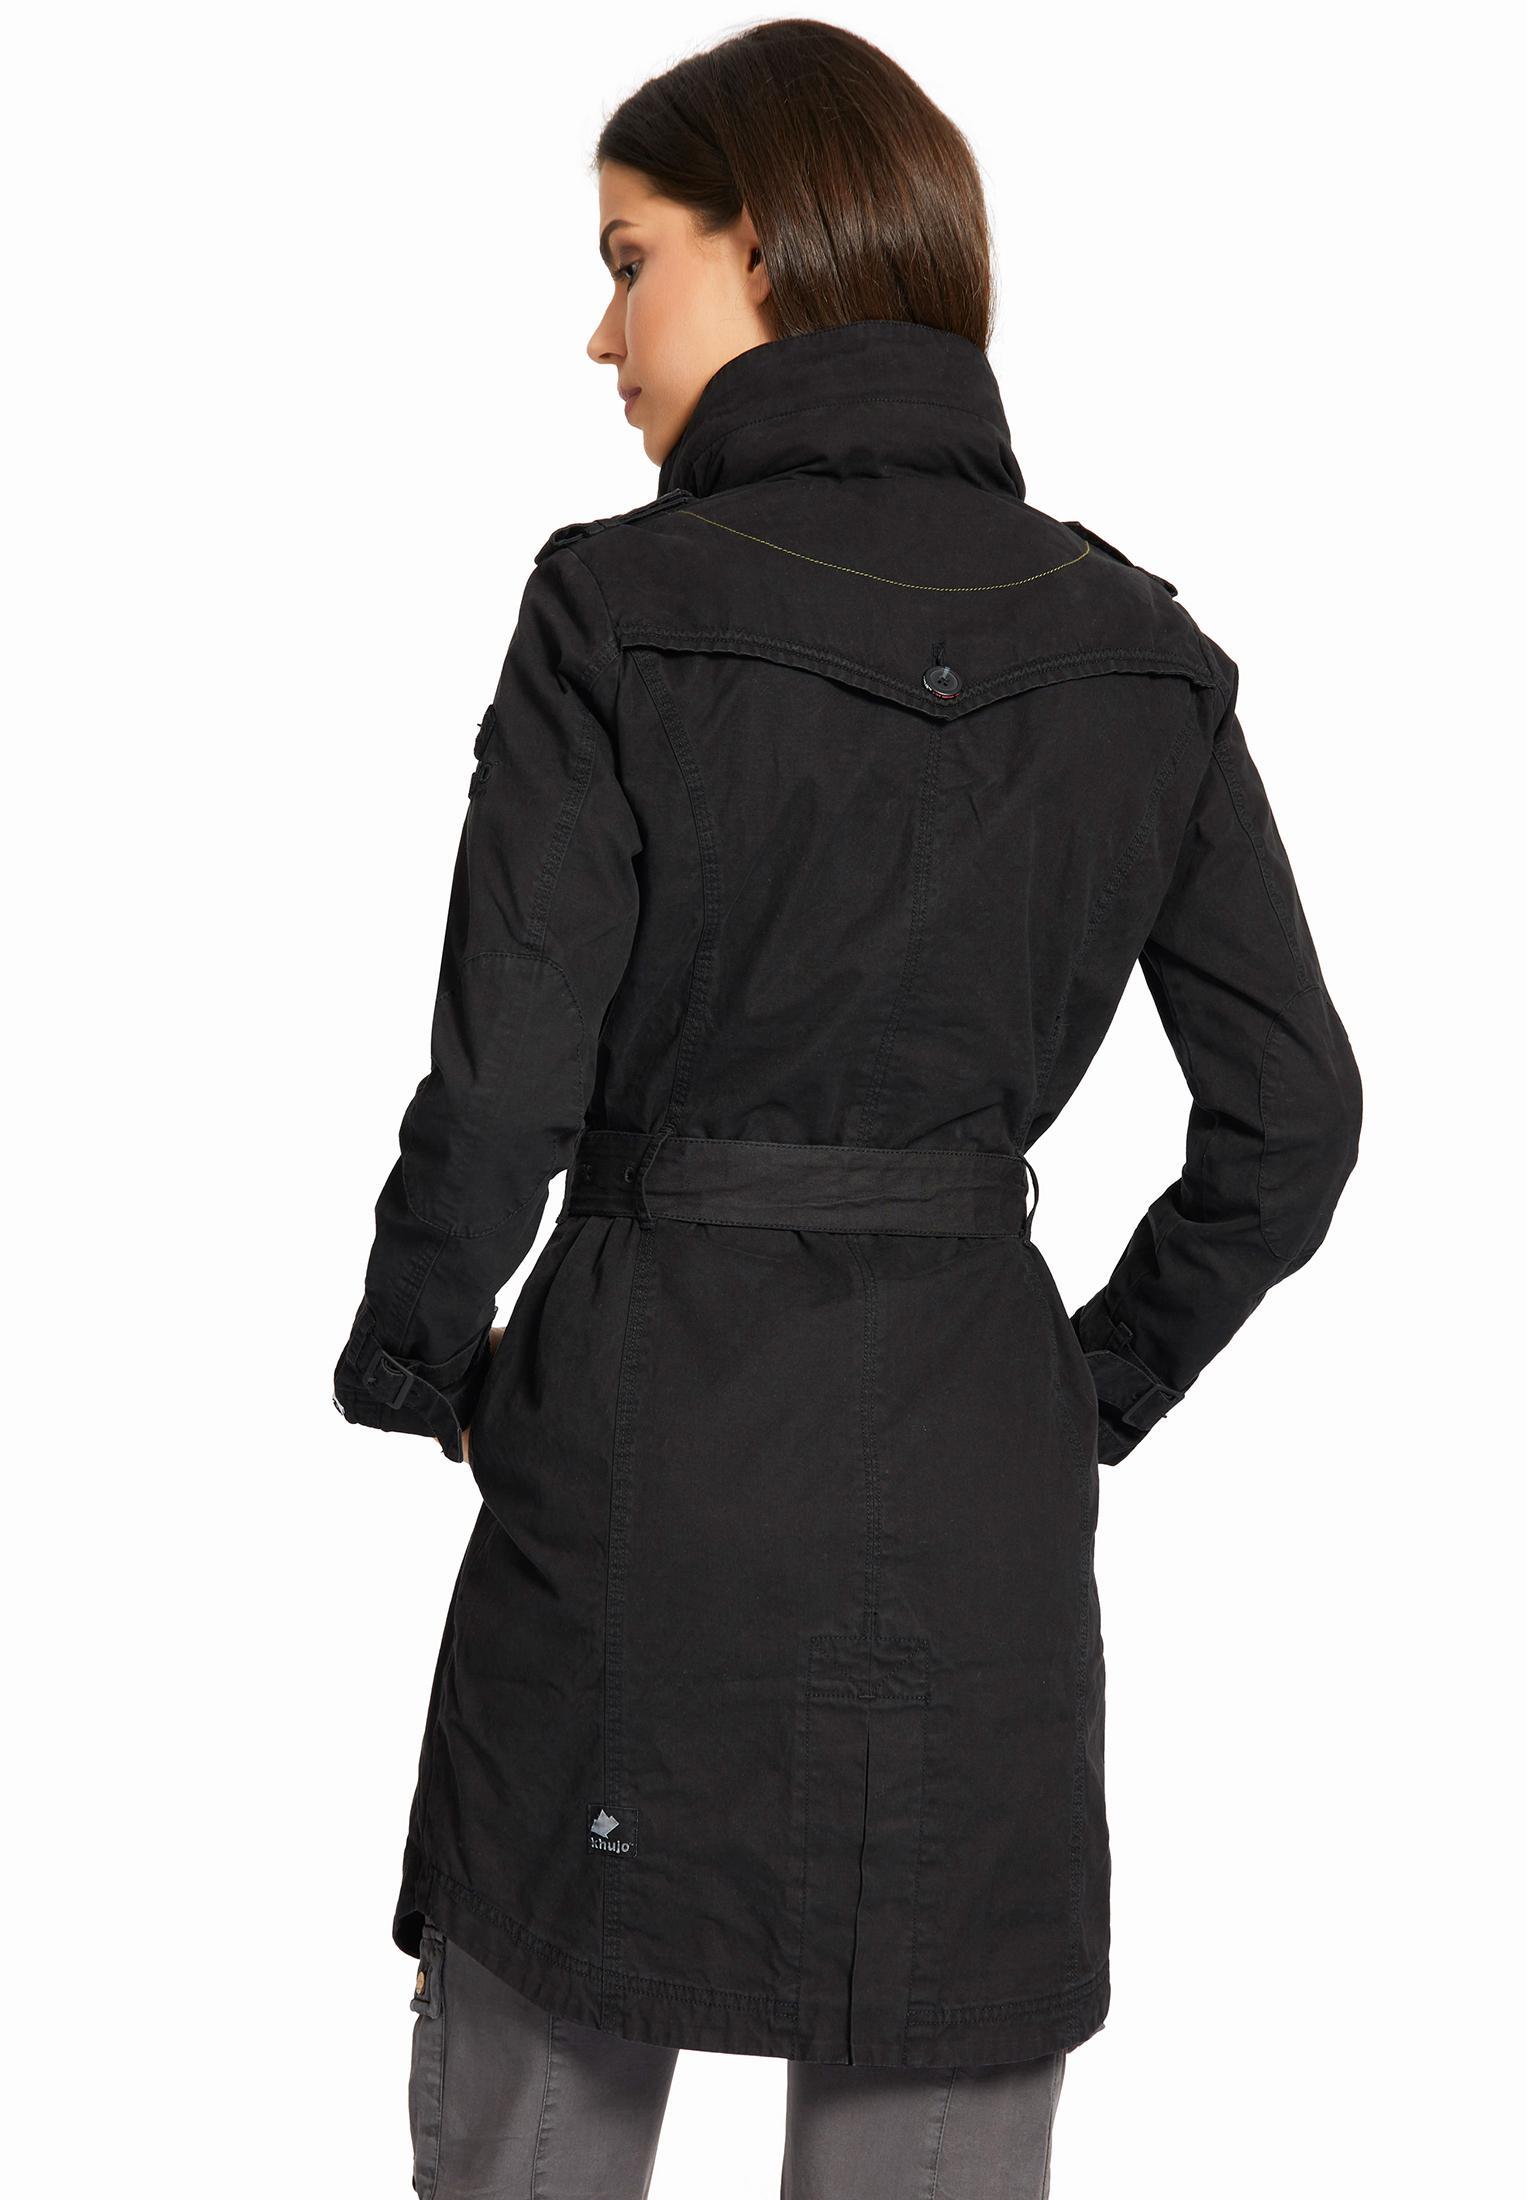 Khujo MENNA Trenchcoat Damen schwarz im Online Shop von SportScheck kaufen